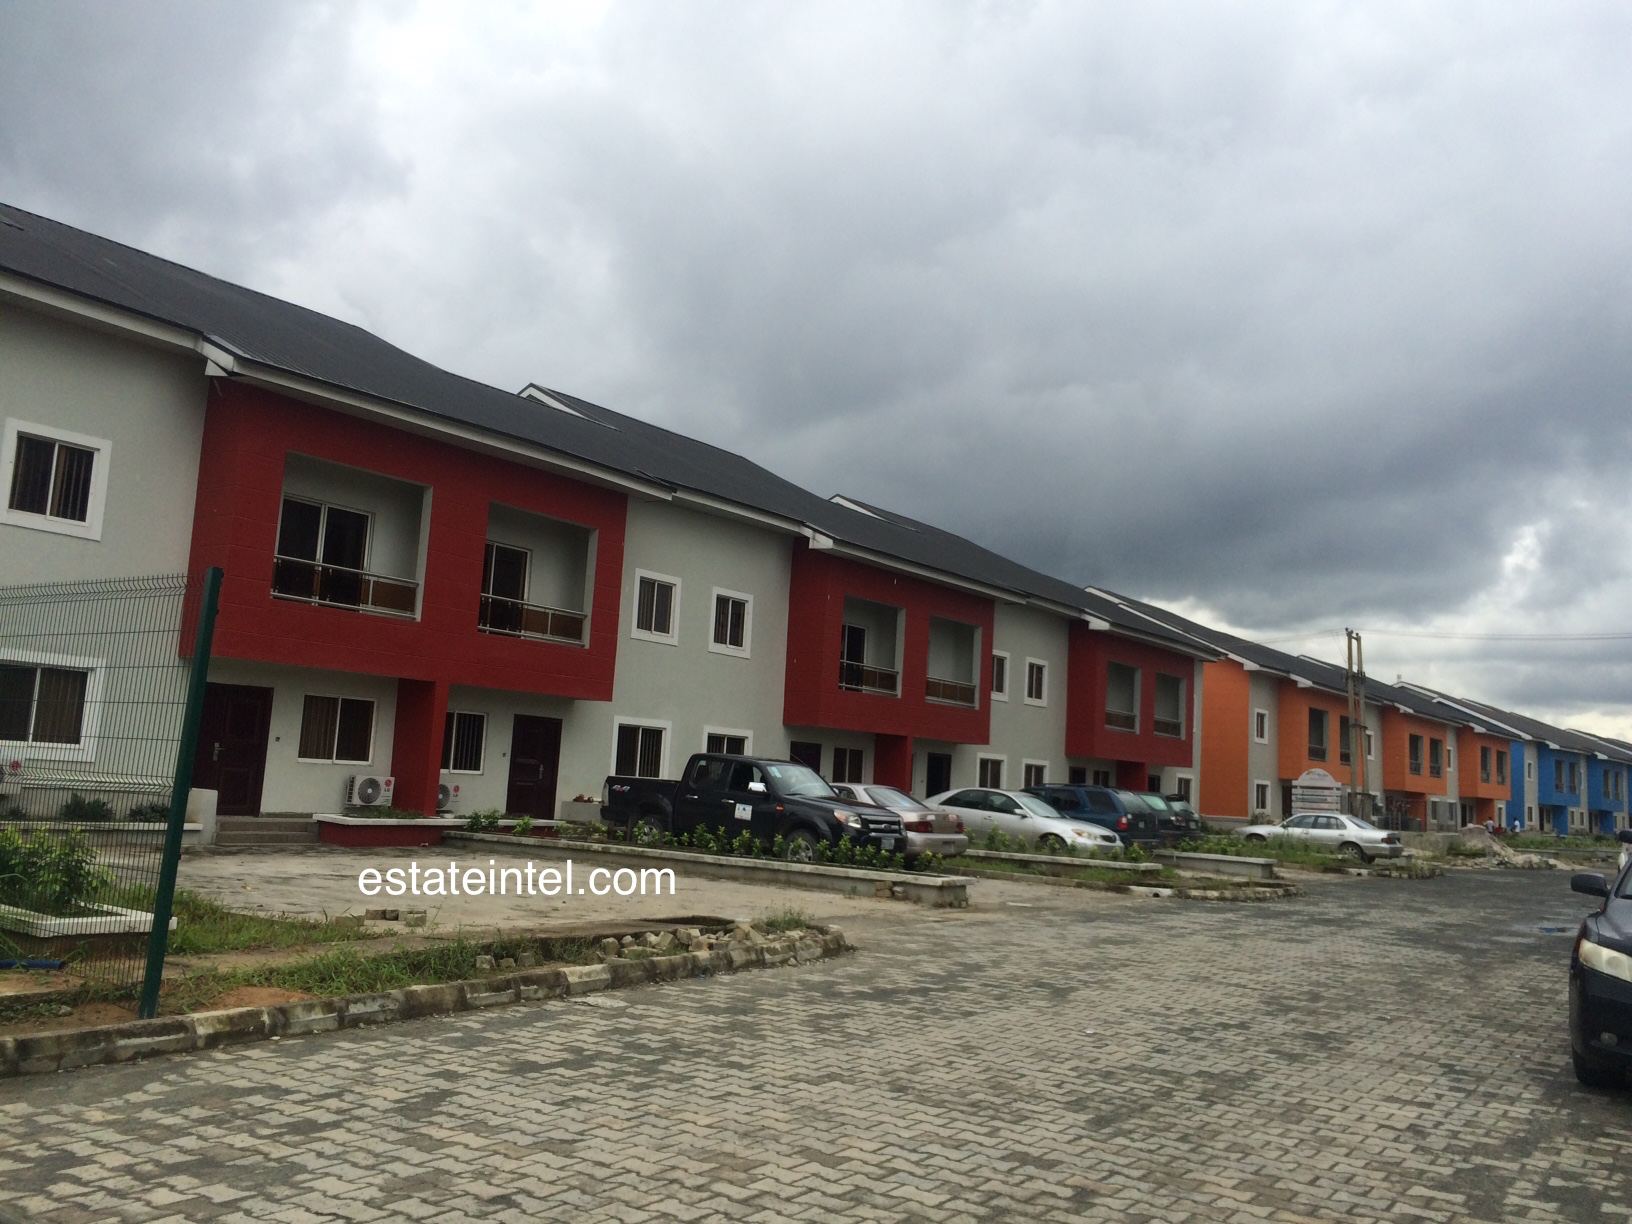 Terraces - Rainbow Town, Port Harcourt. Image Source: estateintel.com